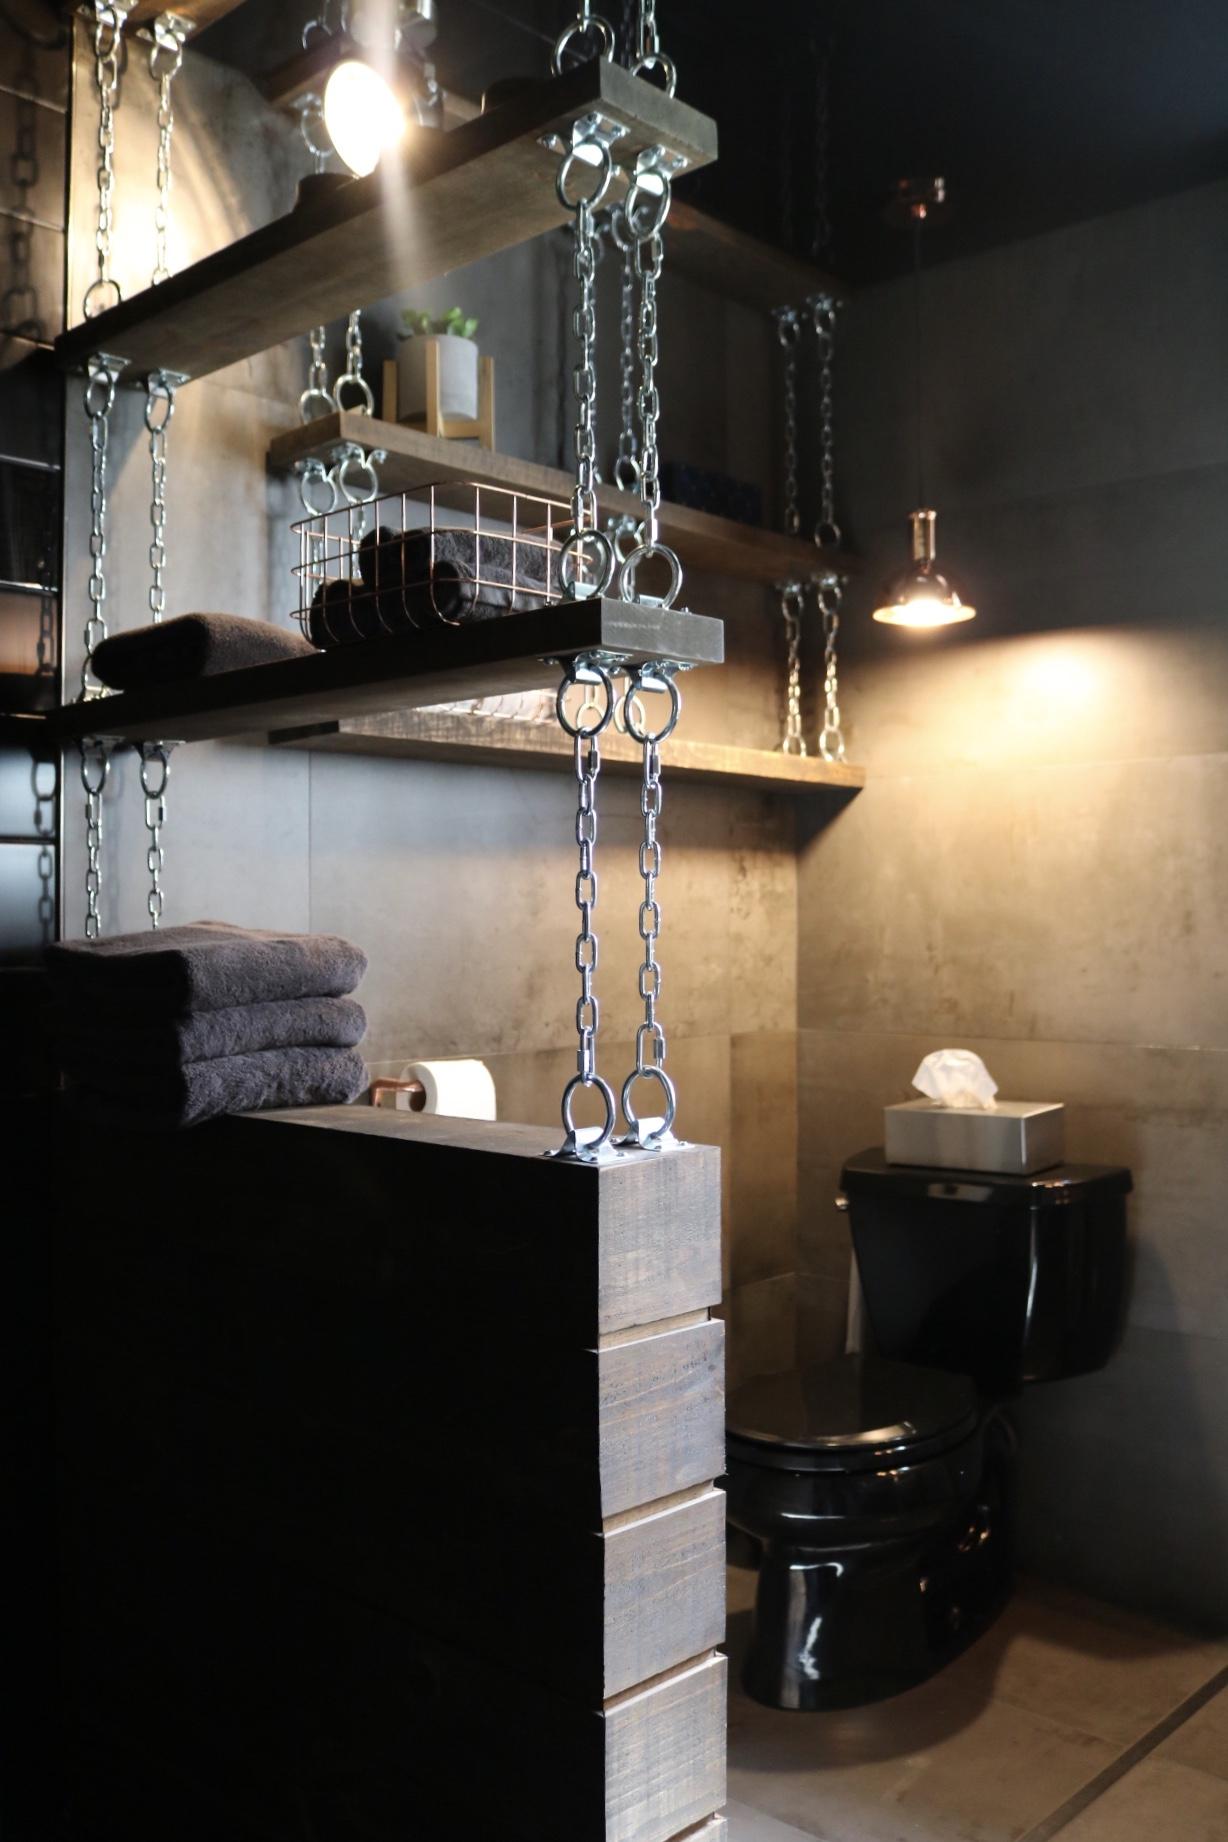 Réalisation design d'intérieur résidentielle L'unique salle d'eau toilette ETC 2018